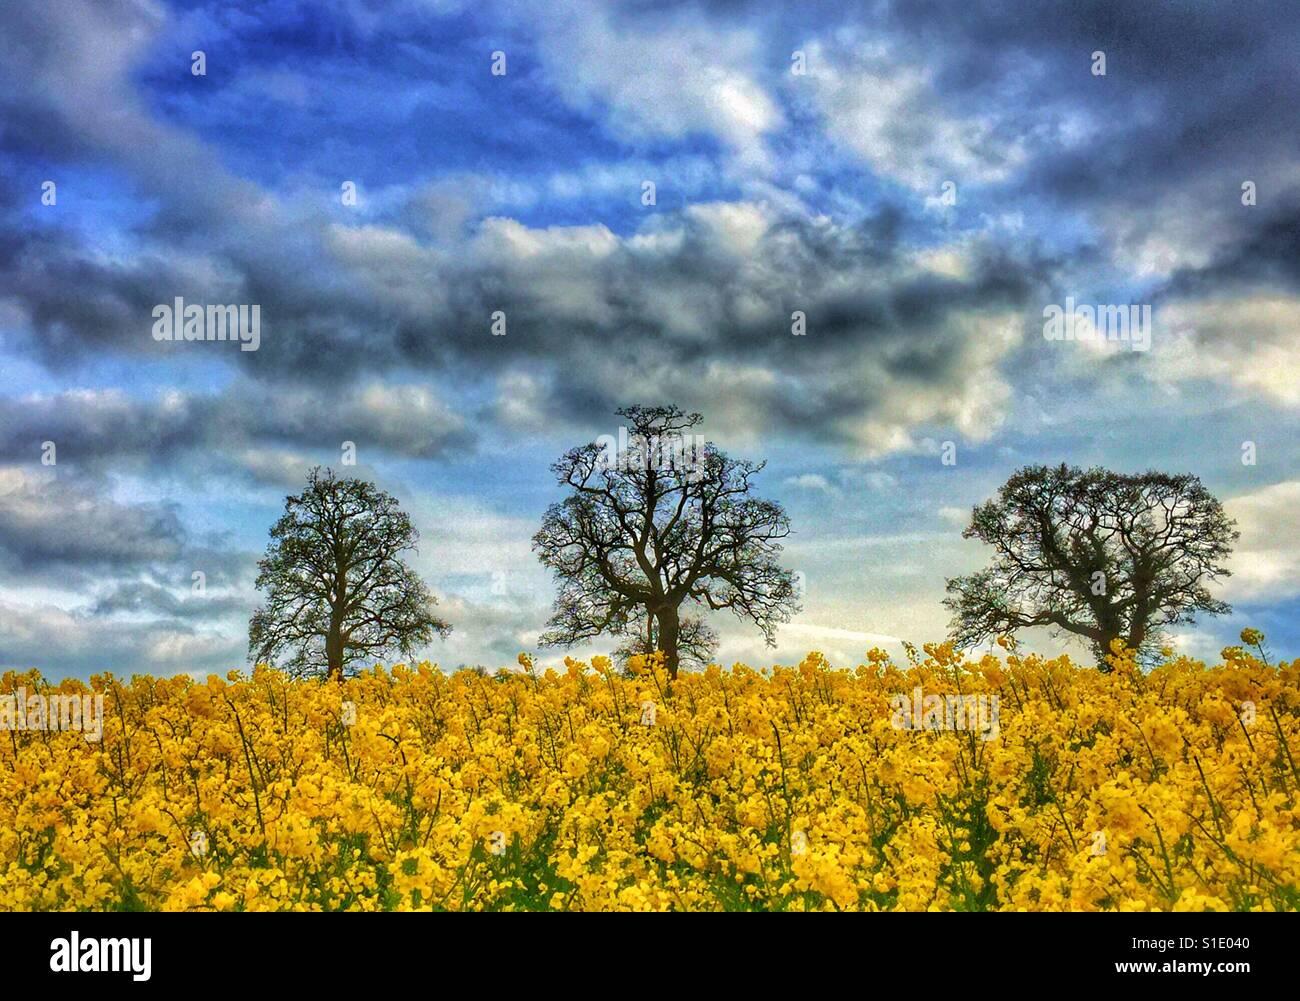 Tres árboles en un campo amarillo de flores de semillas oleaginosas. El espectacular cielo significa la lluvia Imagen De Stock